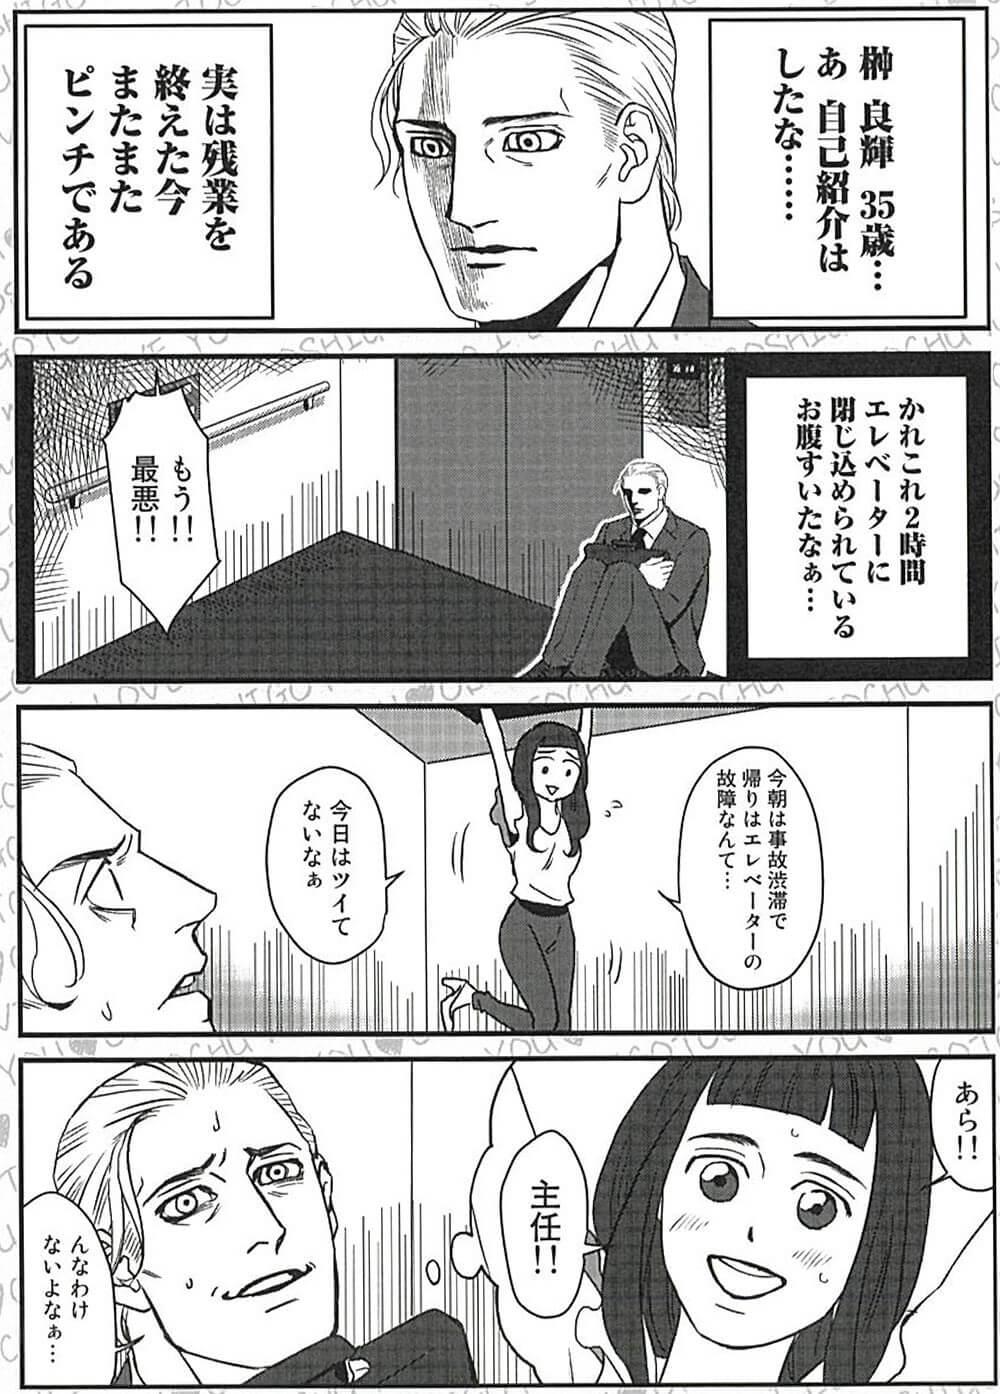 上司が新入社員に恋する漫画1-6